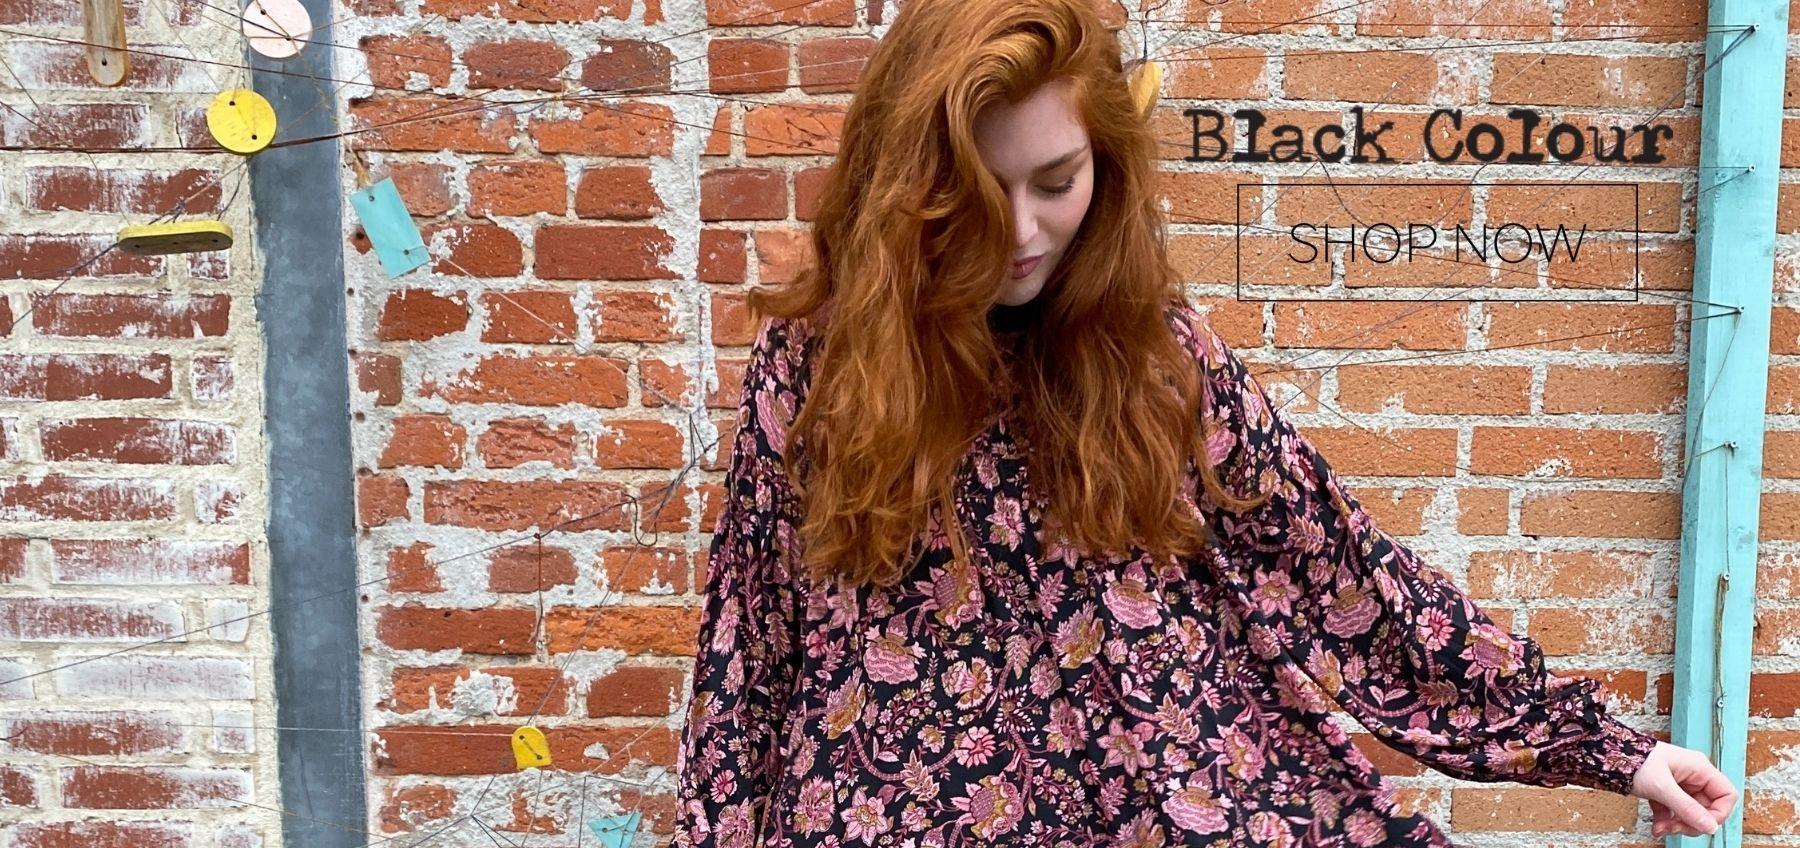 Shop Black Colour